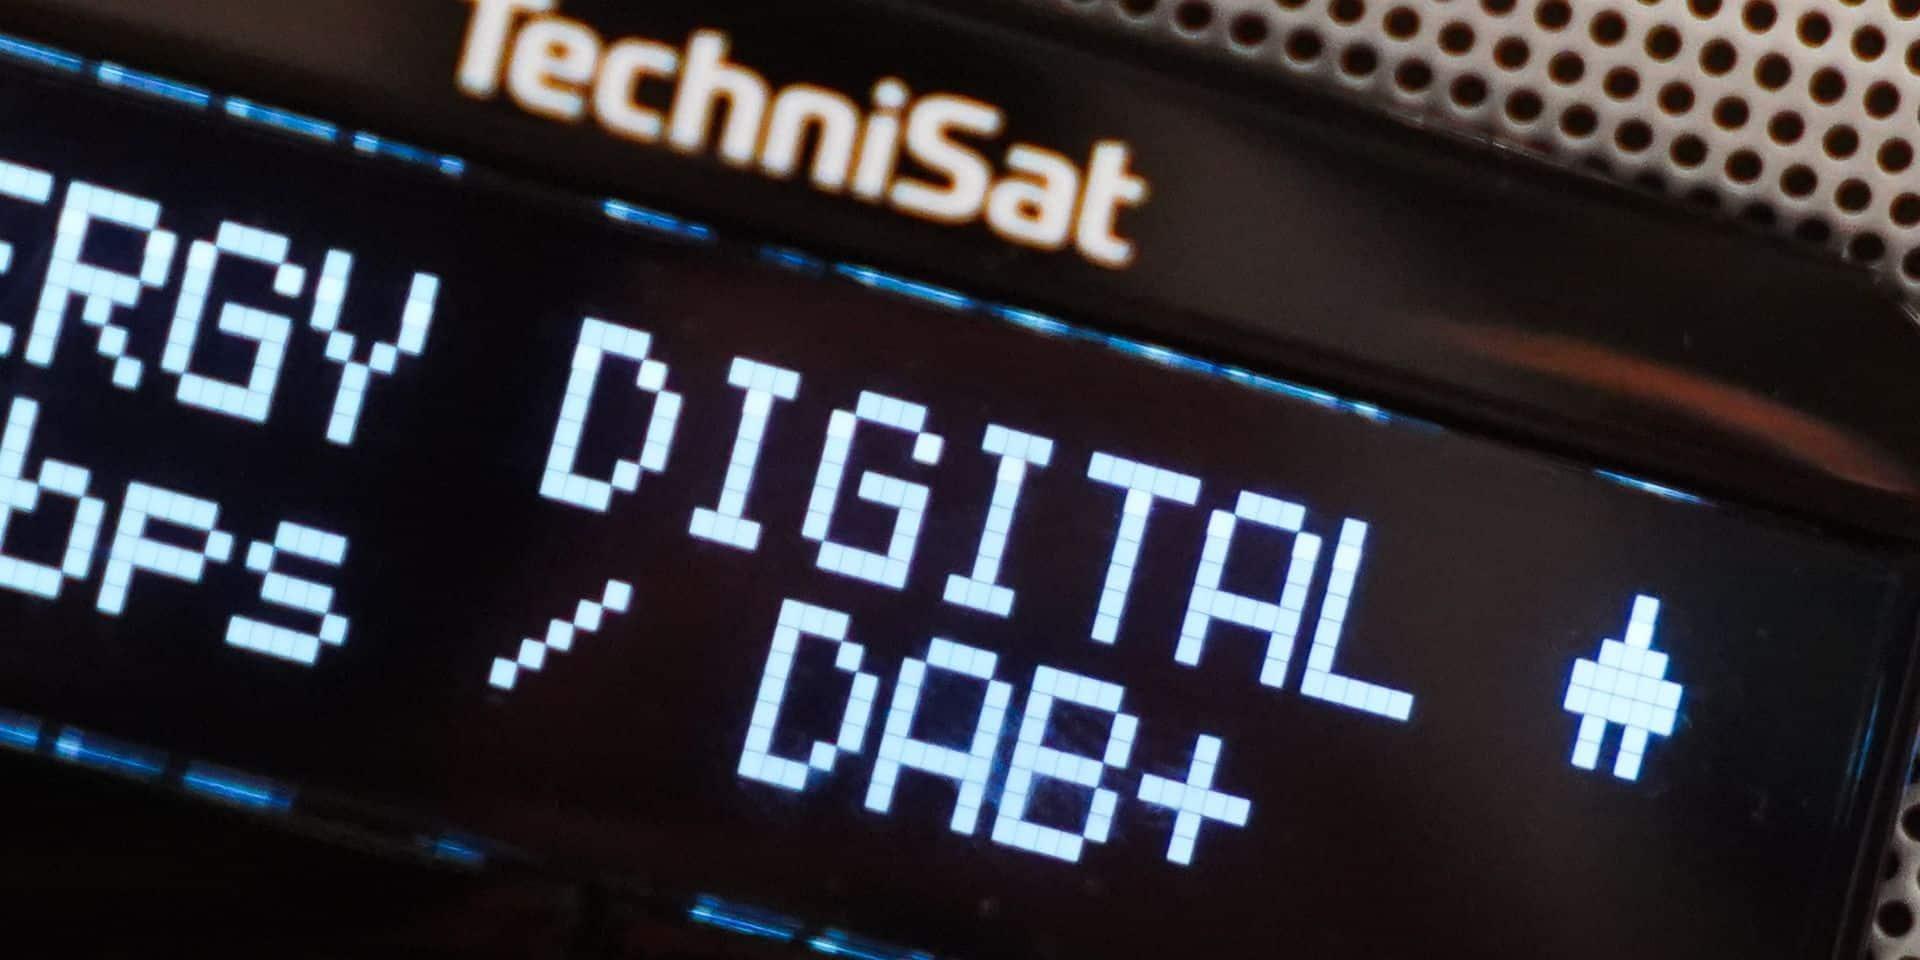 Déploiement de la radio numérique (DAB+) à Bruxelles et en Wallonie: voici les premiers résultats des tests